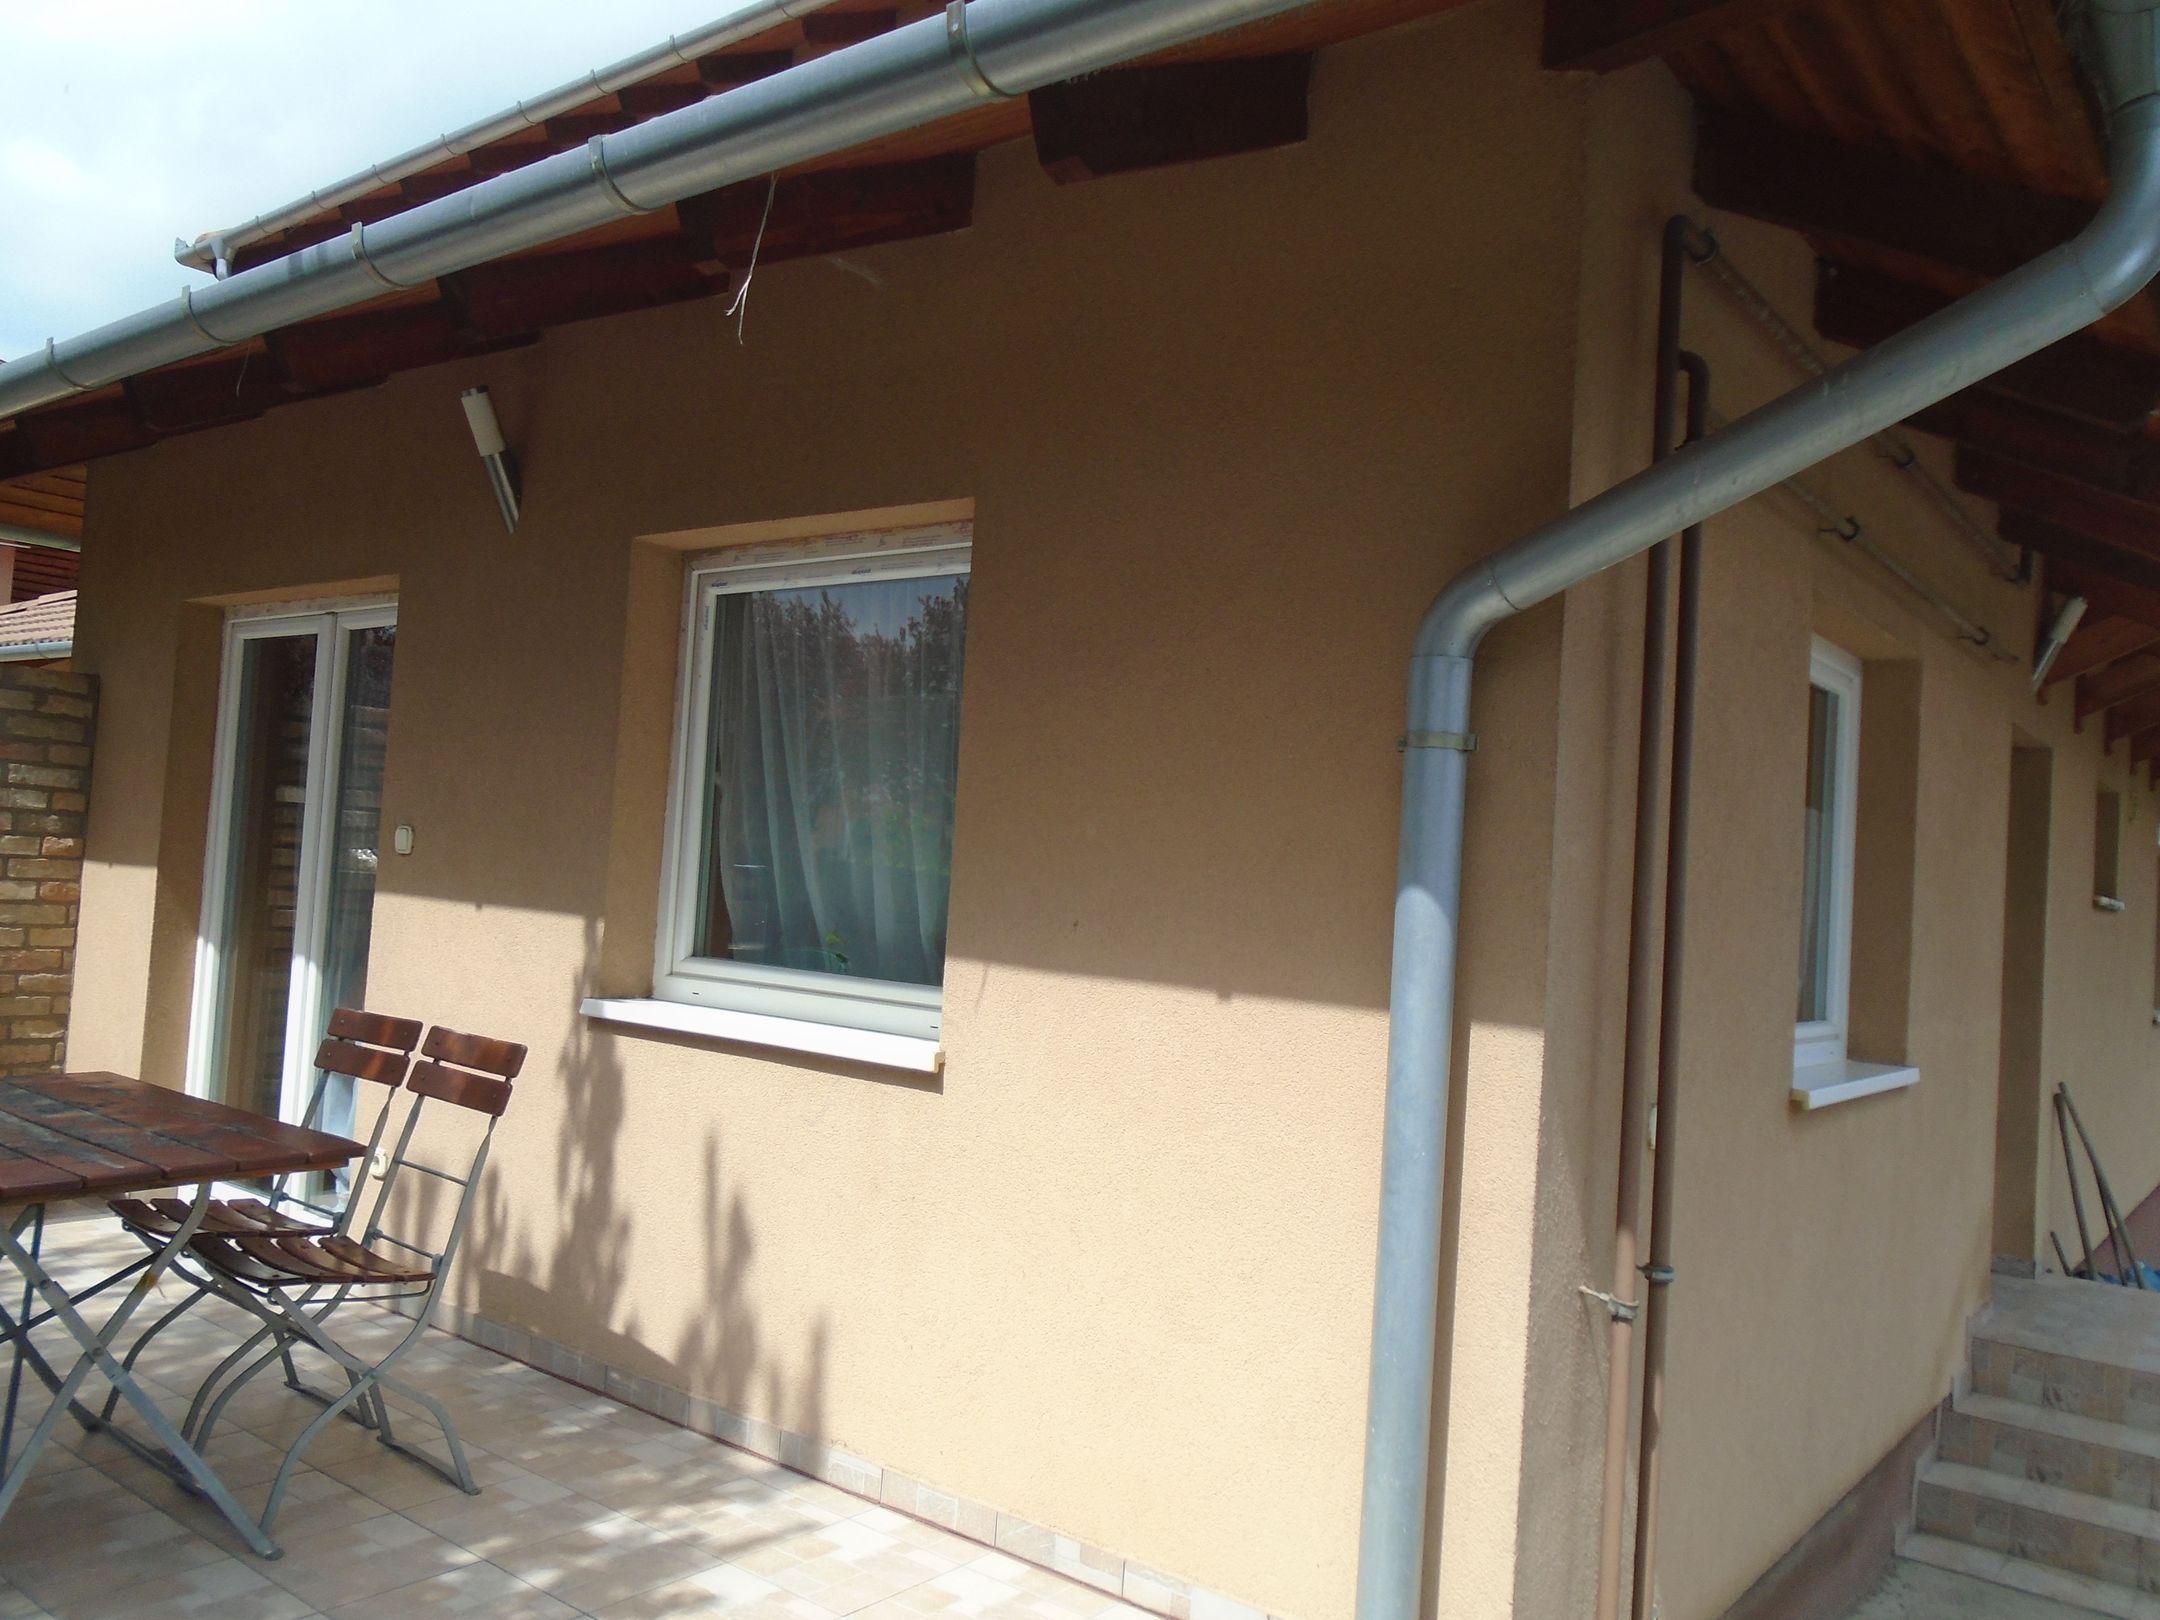 Gyömrő egyik mini lakóparkjában eladó egy újszerű társasházi,földszinti lakás